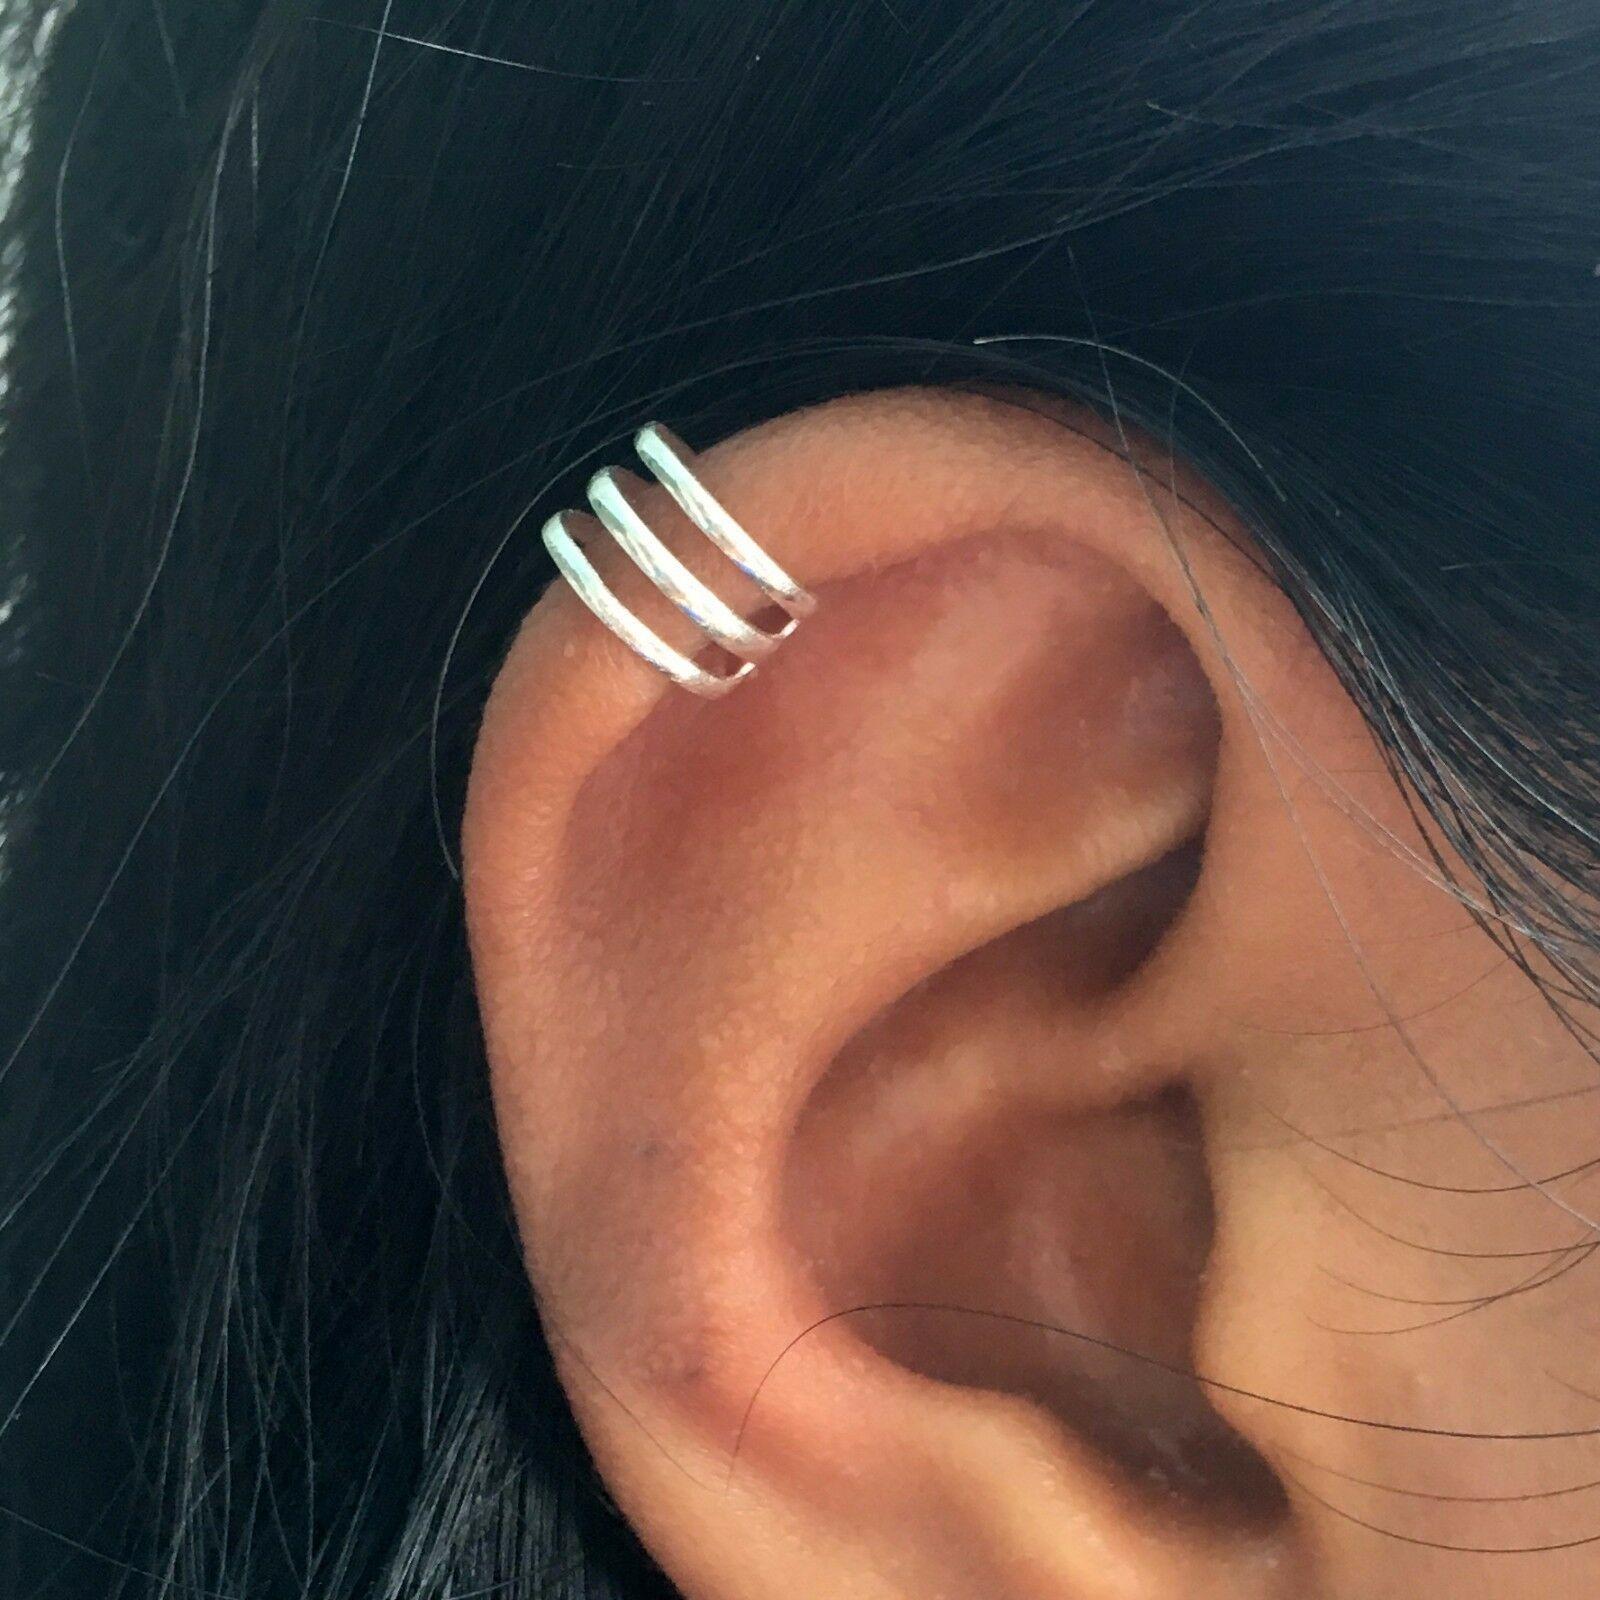 Sterling Silver Ear Cuff North Star Ear Wrap No Piercing Earrings